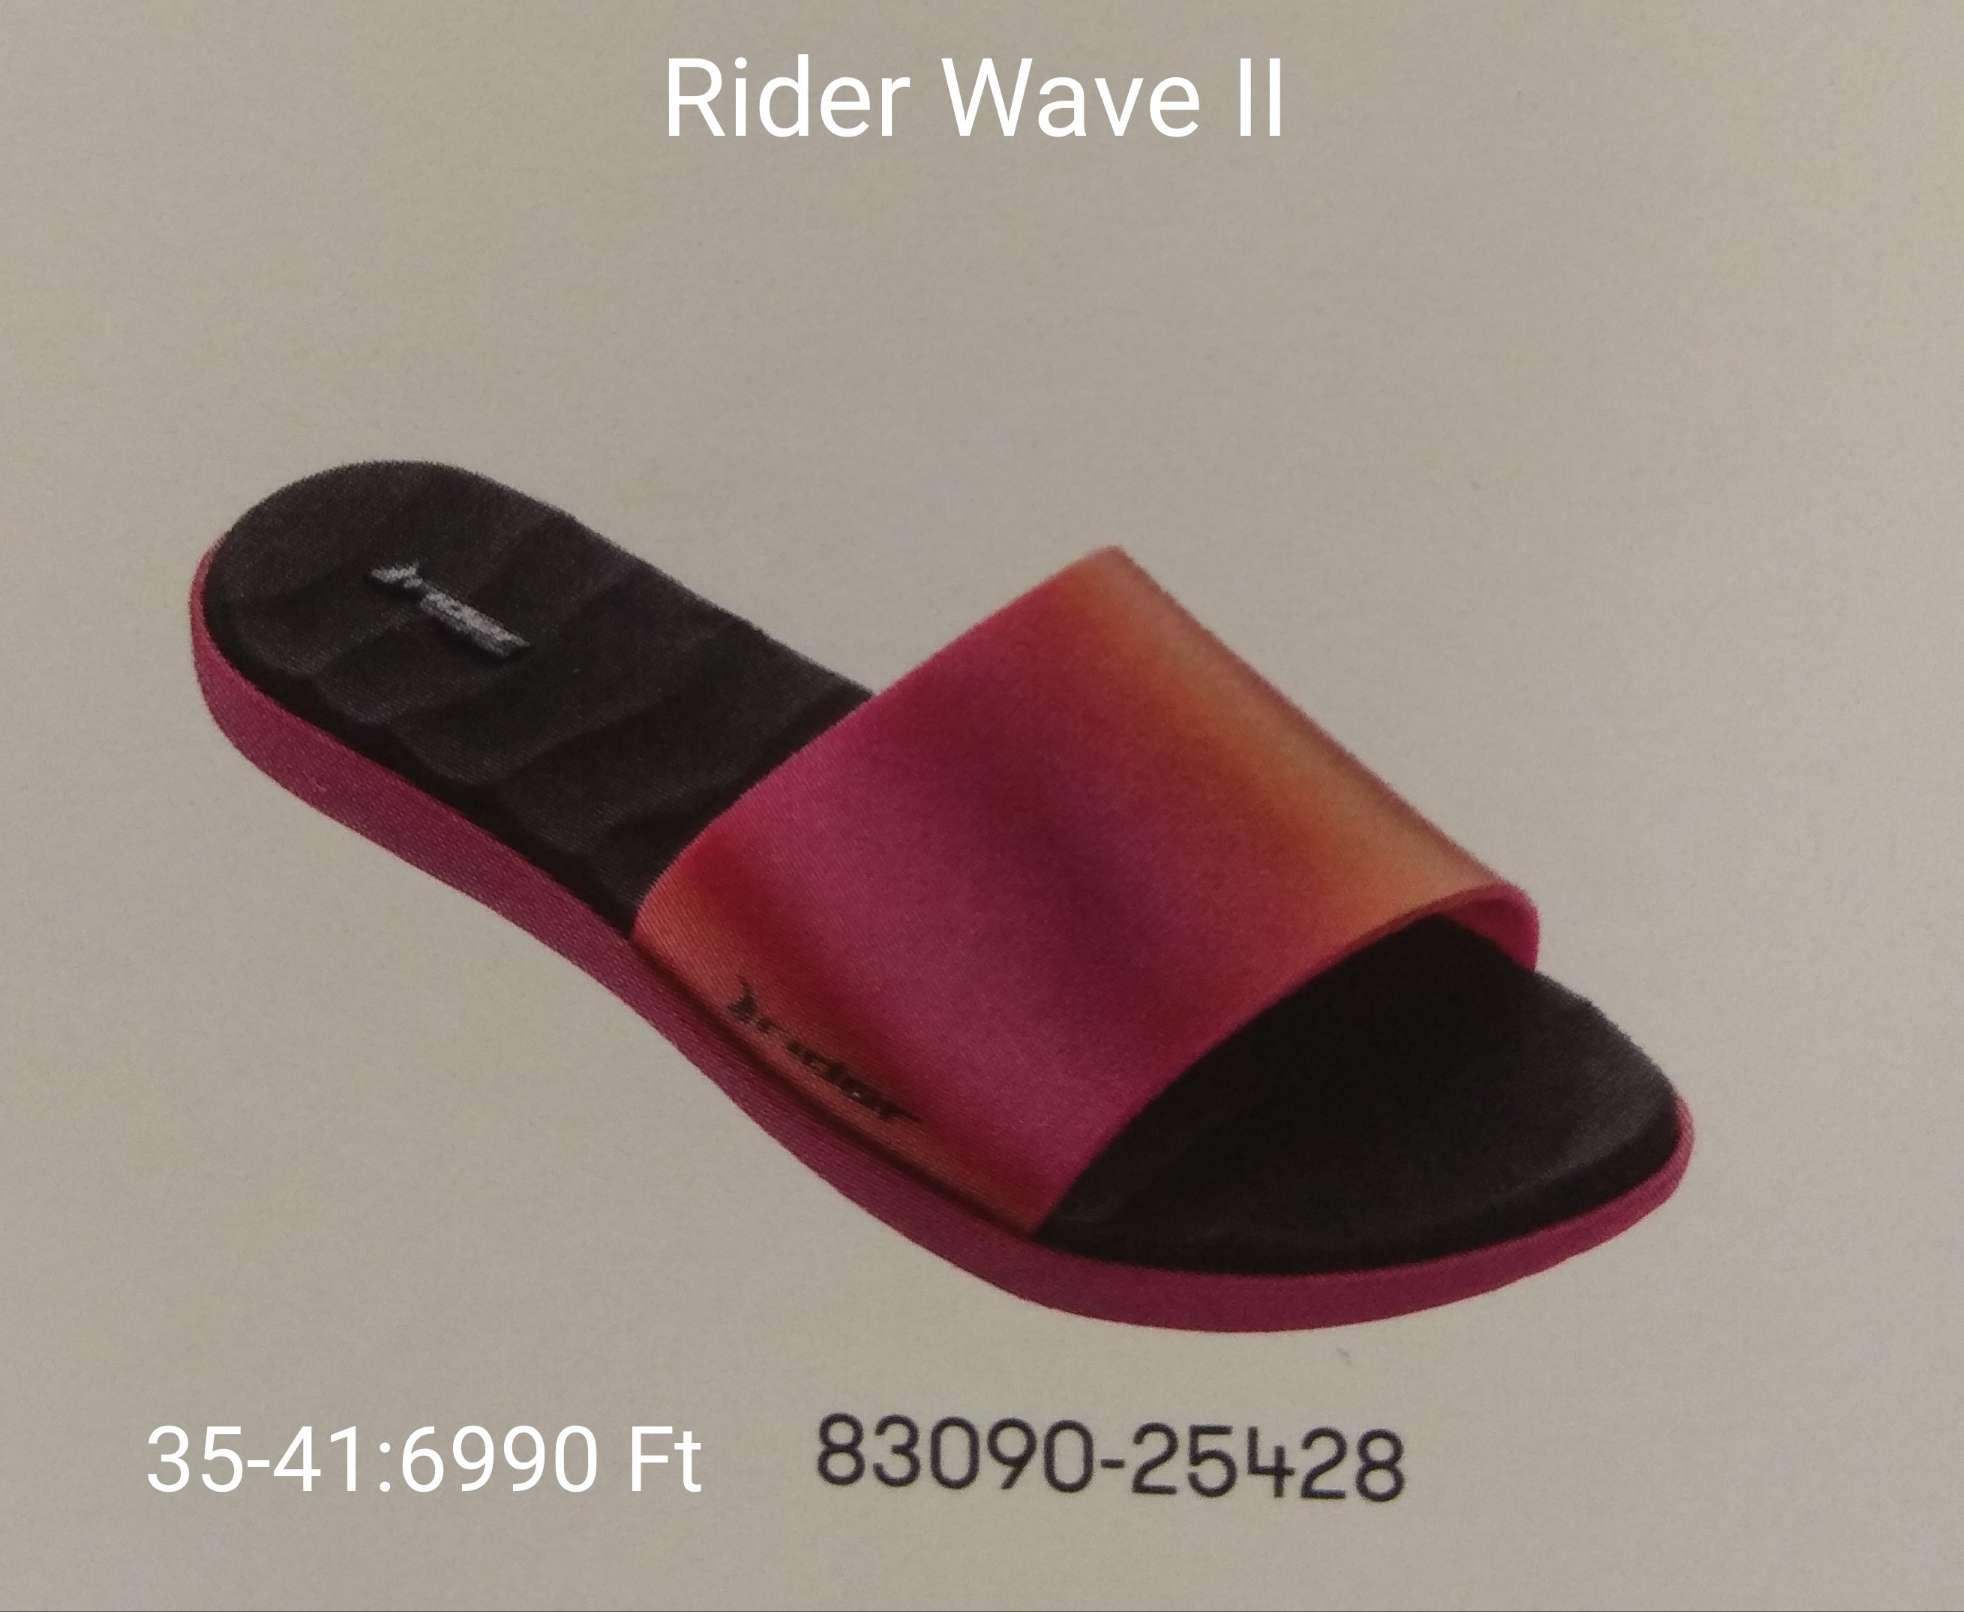 Rider Vave II